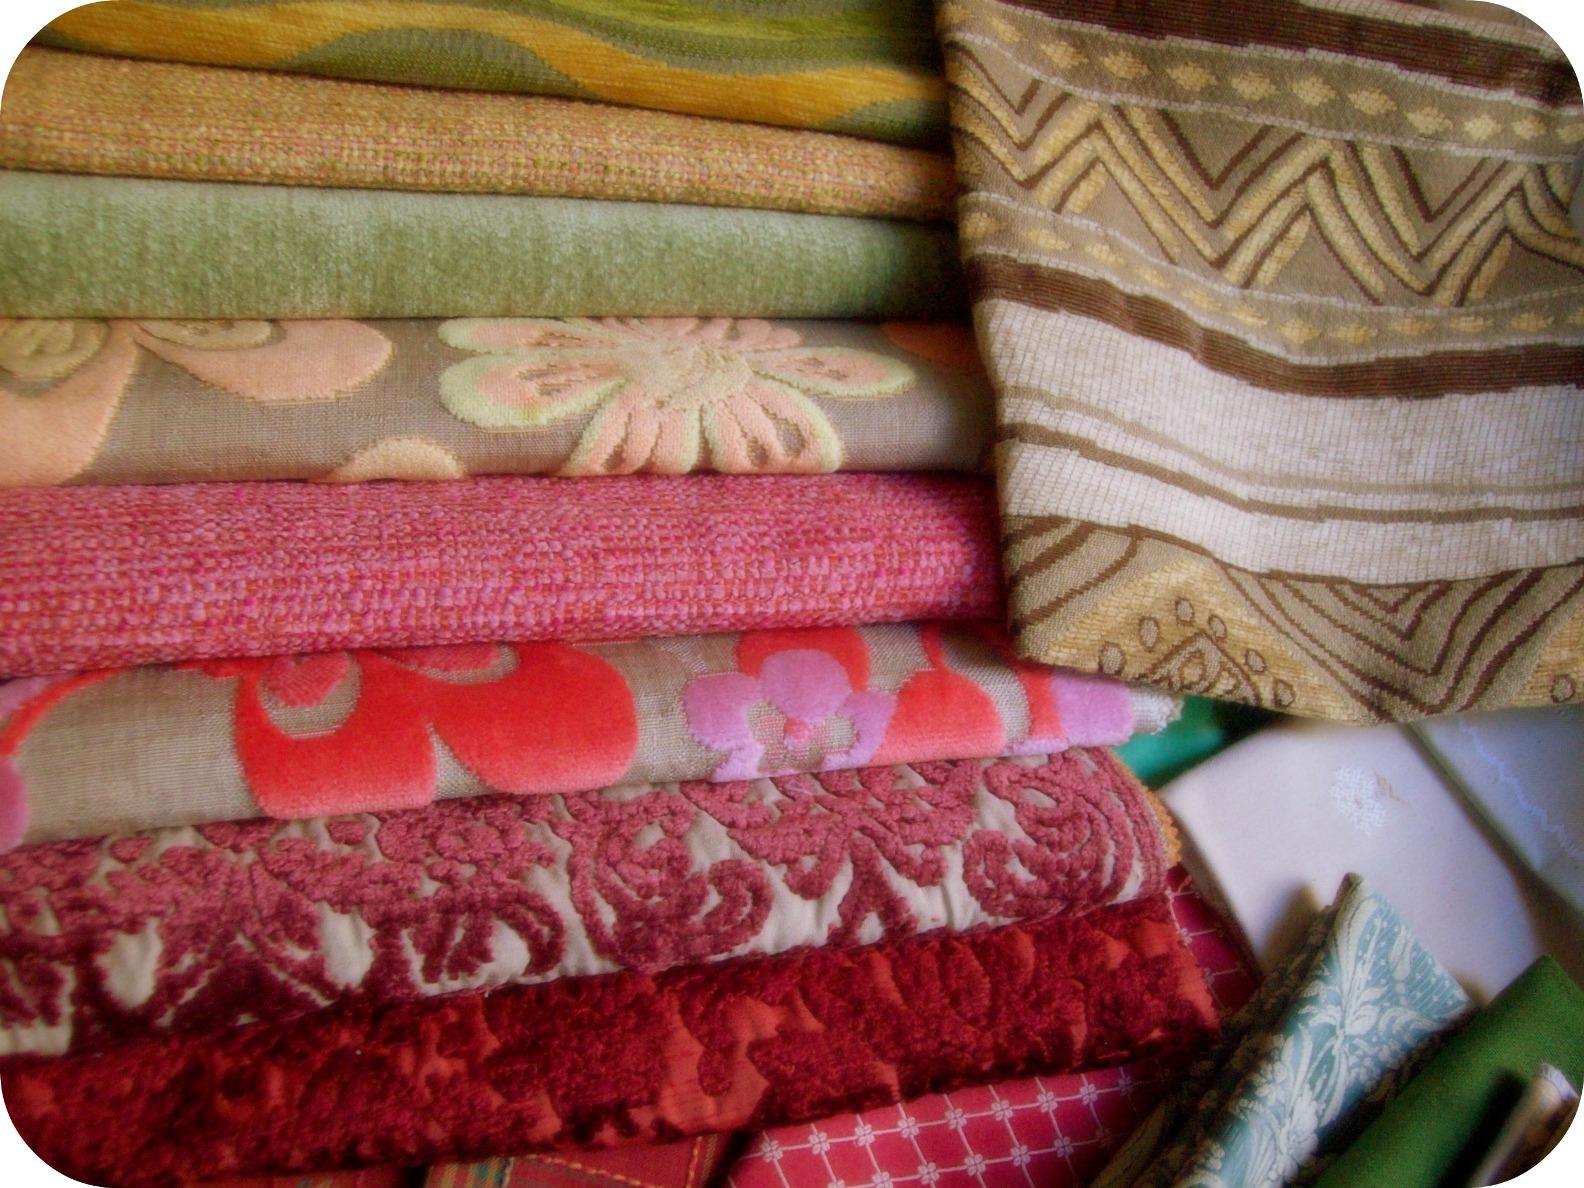 manuale tessuti conoscere le fibre e i trattamenti